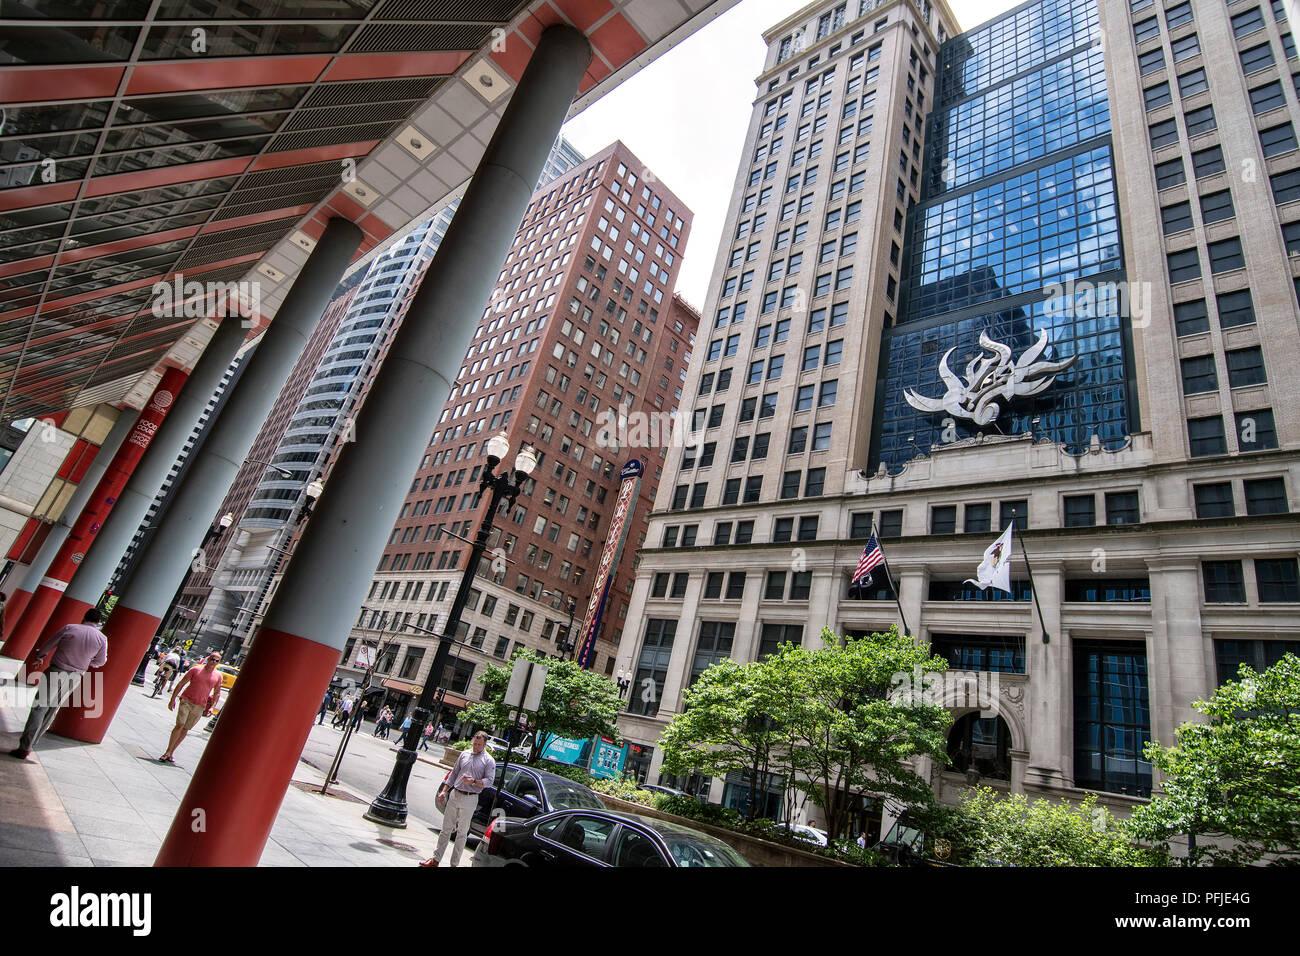 Llinois Ministère du Travail, le centre-ville de Chicago, au nord, boulevard LaSalle, Cadillac Palace Theatre. Photo Stock